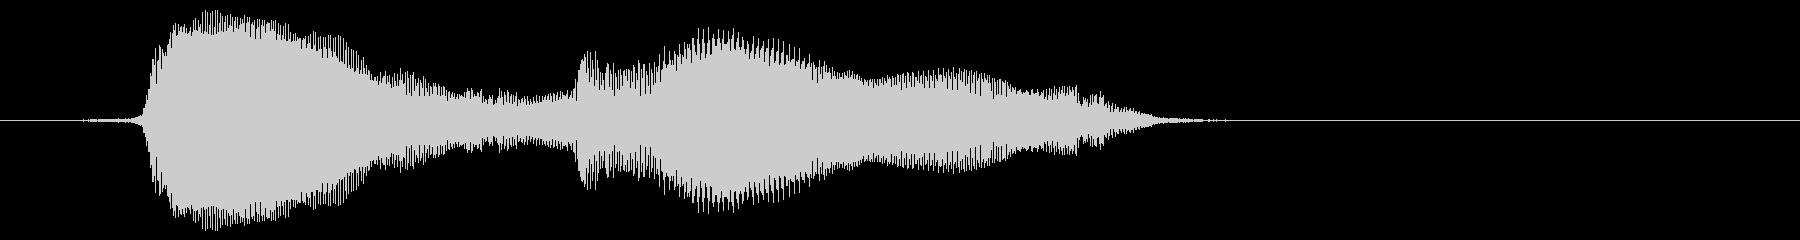 吹くパーティーのノイズメーカーの未再生の波形